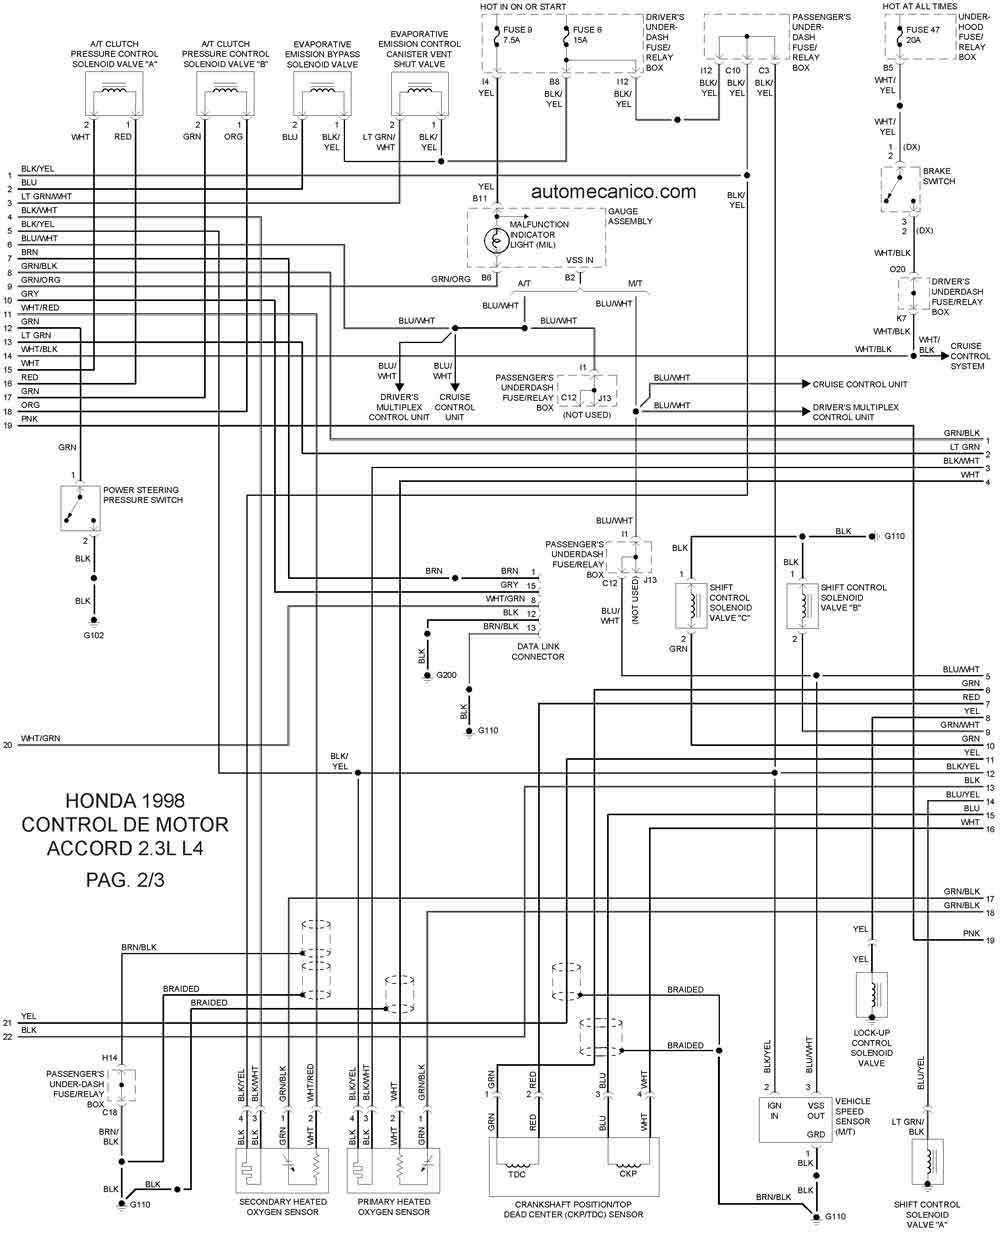 [DIAGRAM] Wiring Diagram De Taller Honda Accord FULL